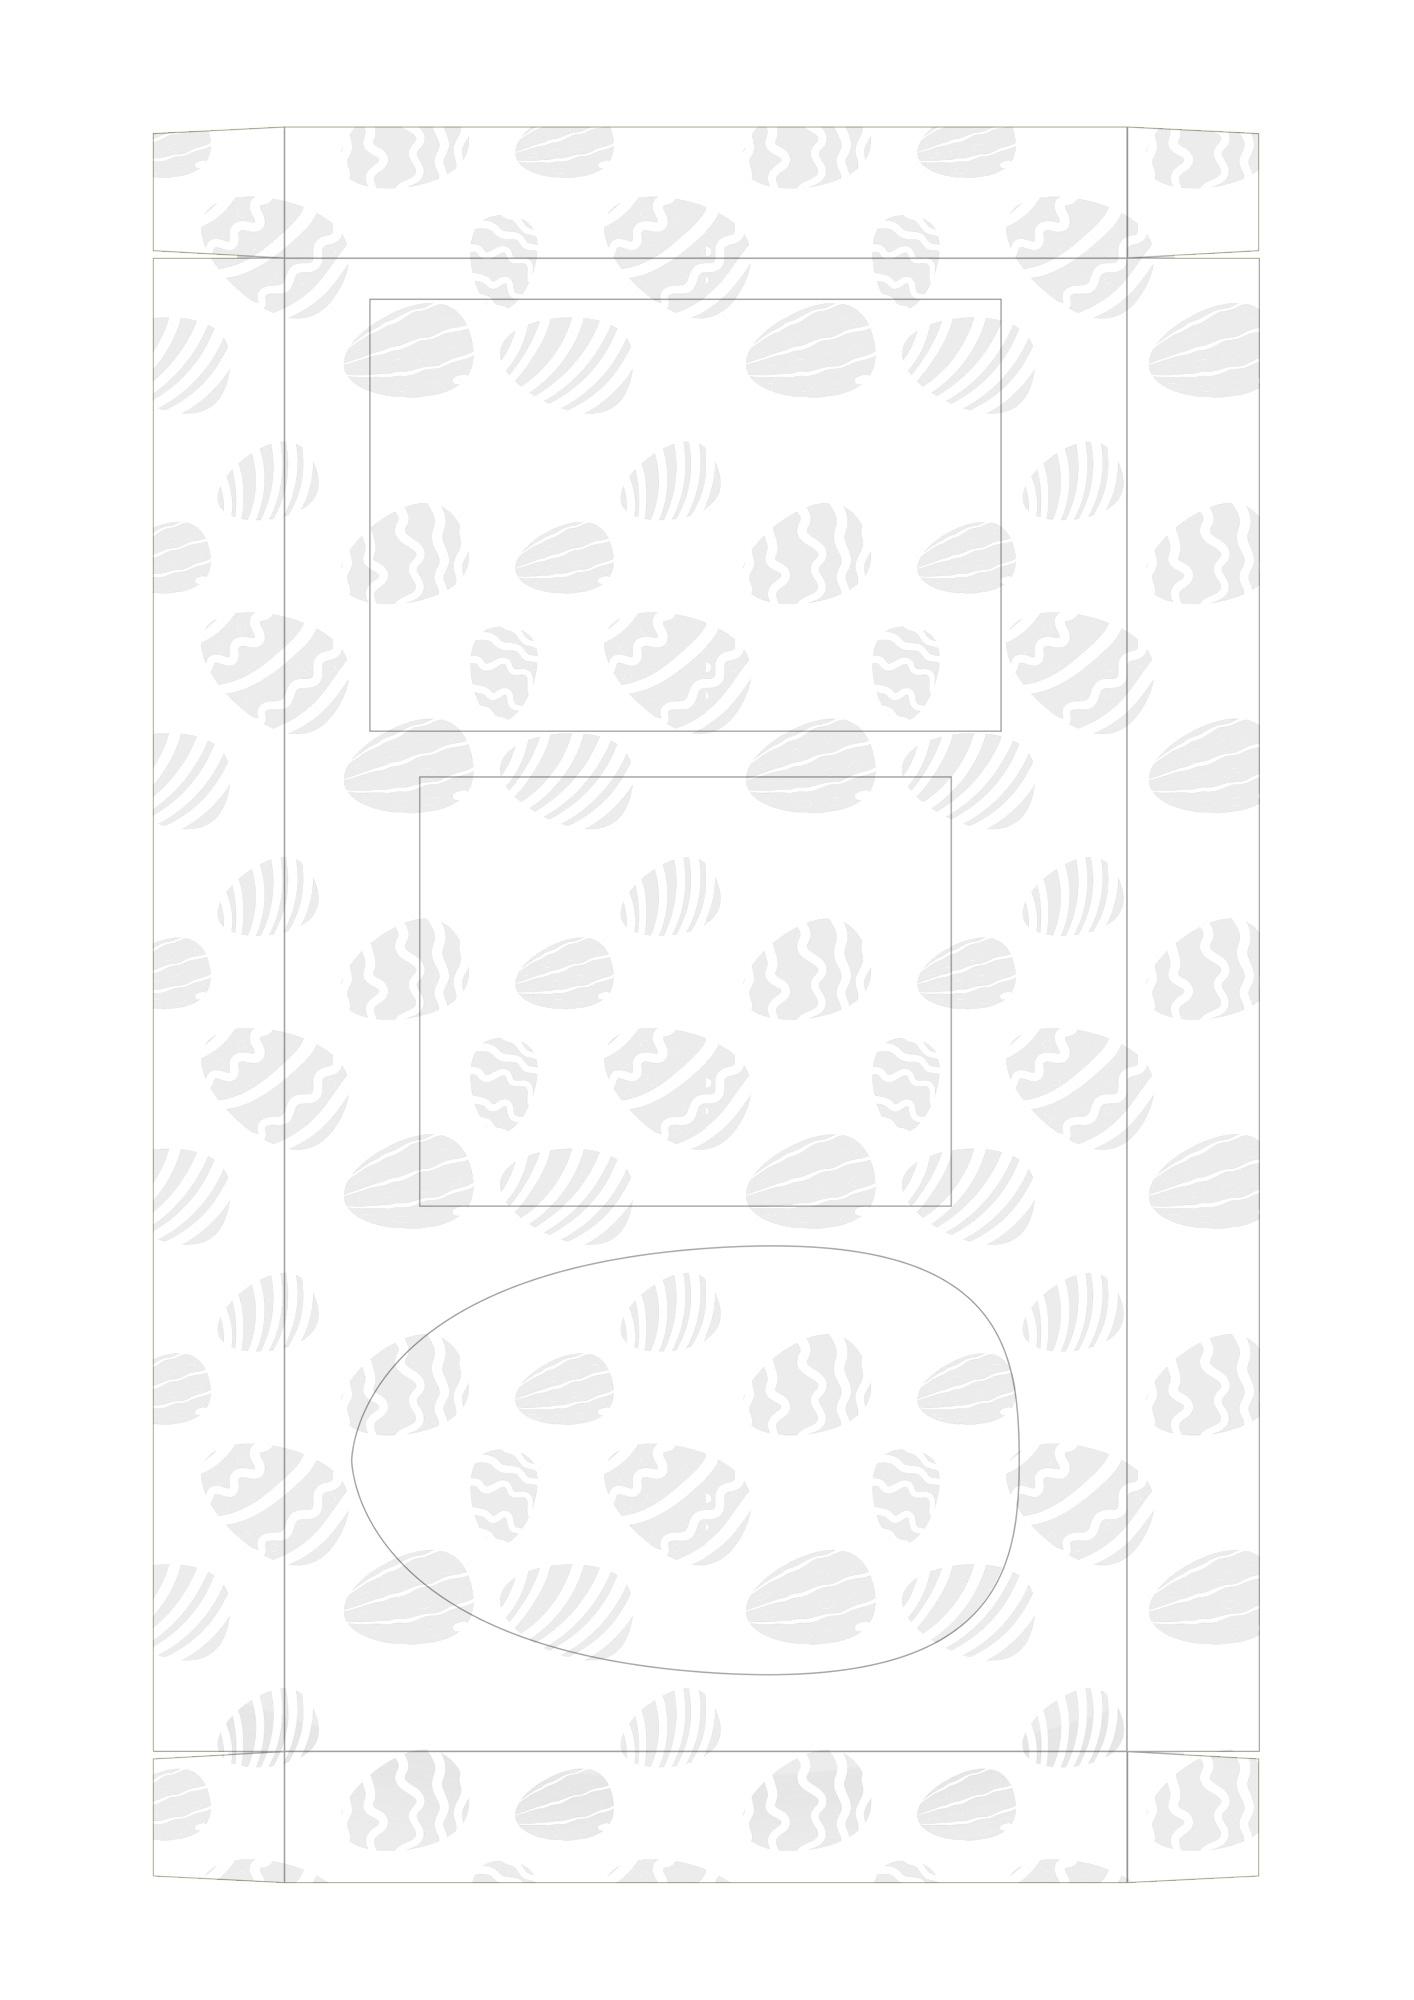 Caixa Kit Mini Confeiteiro para Páscoa 2 - parte de dentro